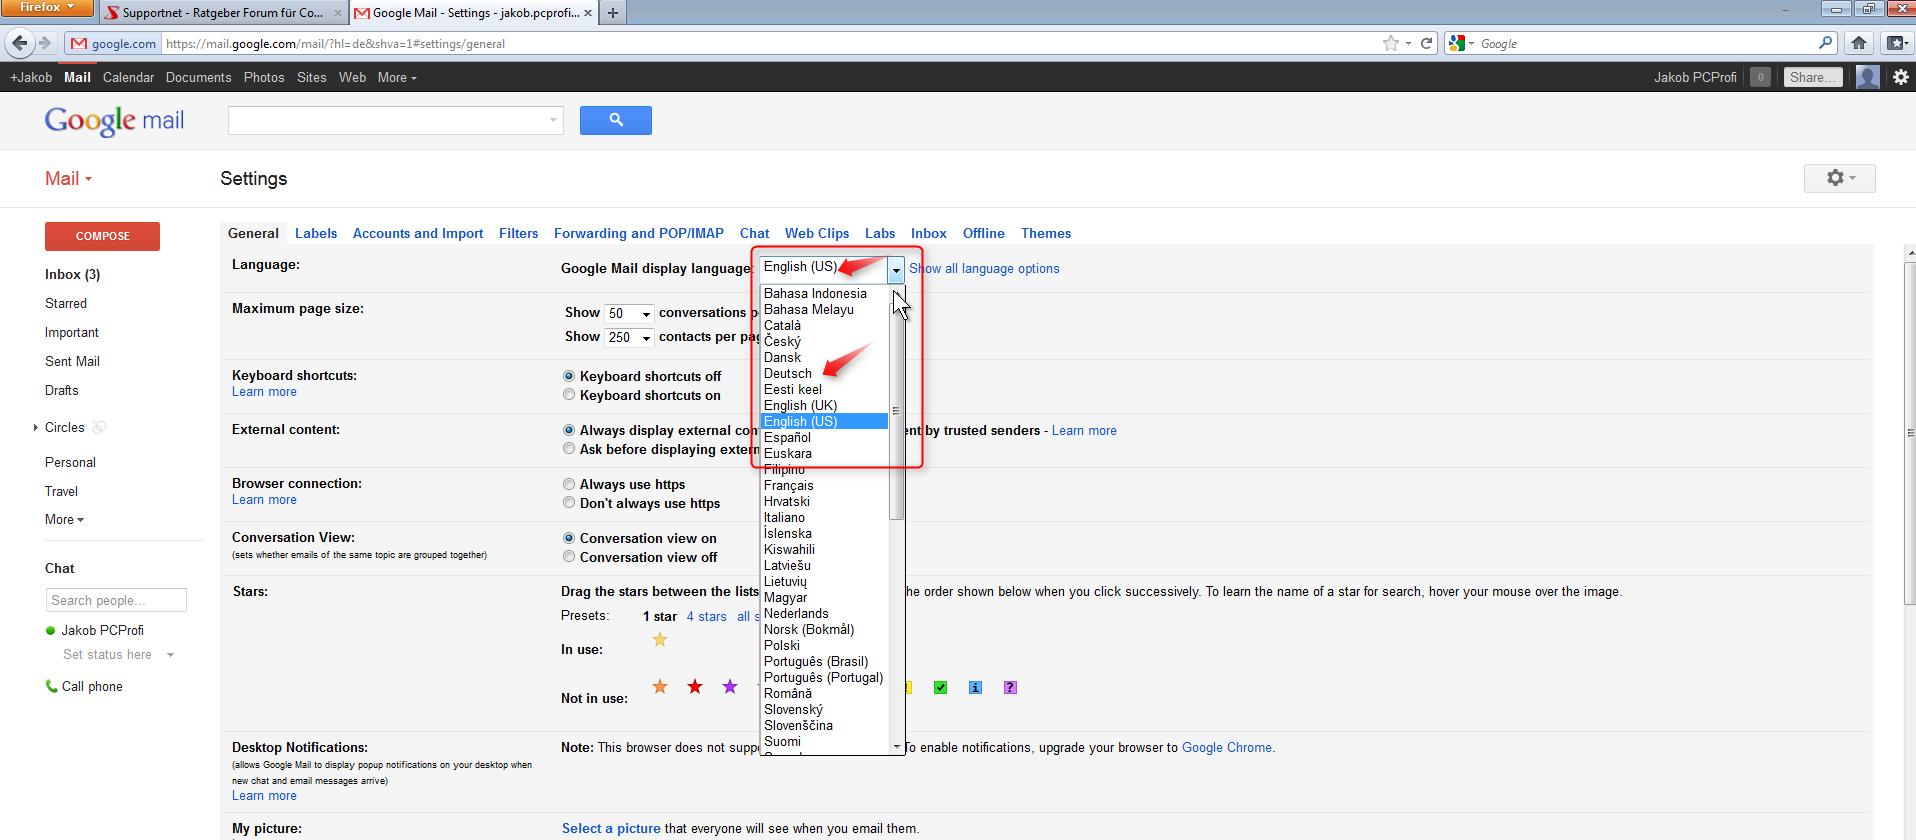 10-Ein-kostenloses-E-Mail-Konto-bei-Google-eroeffnen-mit-Video-sicherheit-470.png?nocache=1325851203978